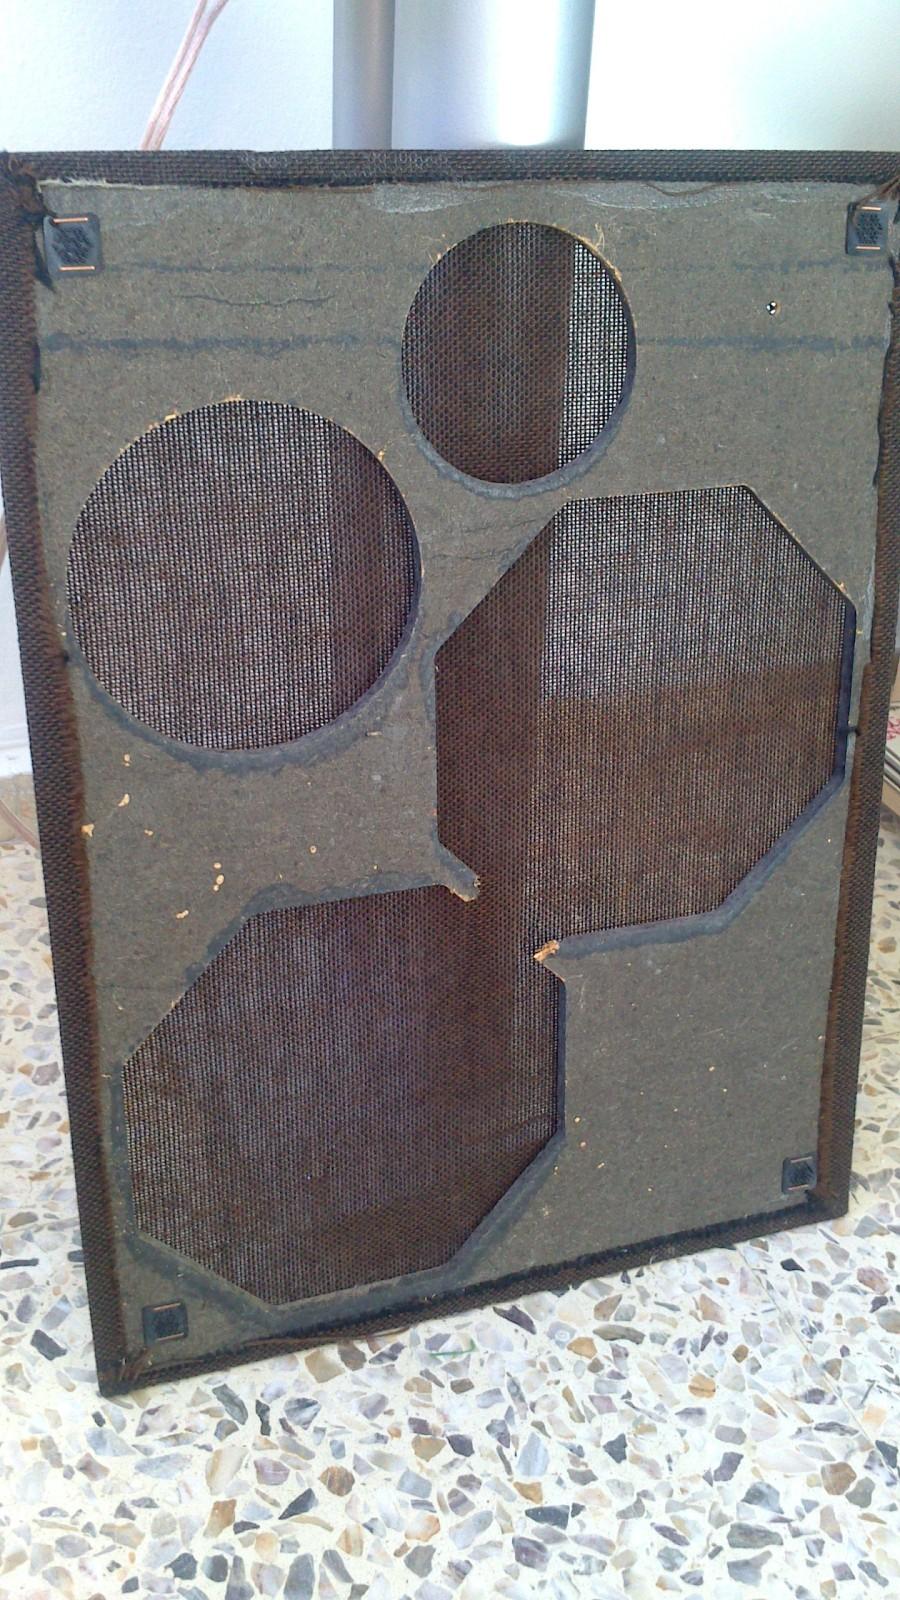 Cajas vintage Philips 22RH427: Filtros actualizados!!  Wl6us0